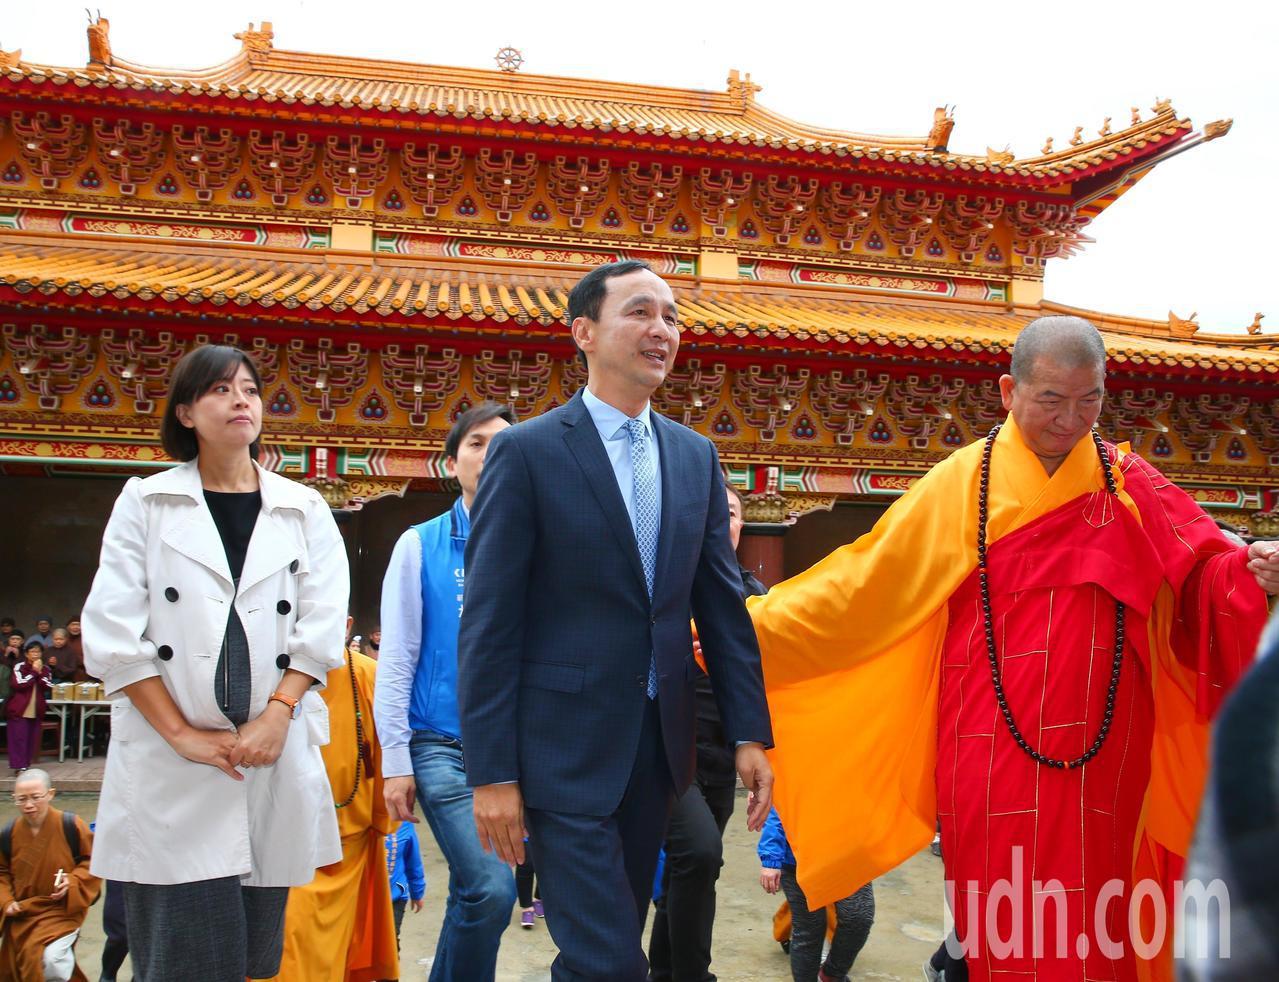 新北市前市長朱立倫(中)上午出席千霞山海明寺開光安座活動。記者王騰毅/攝影